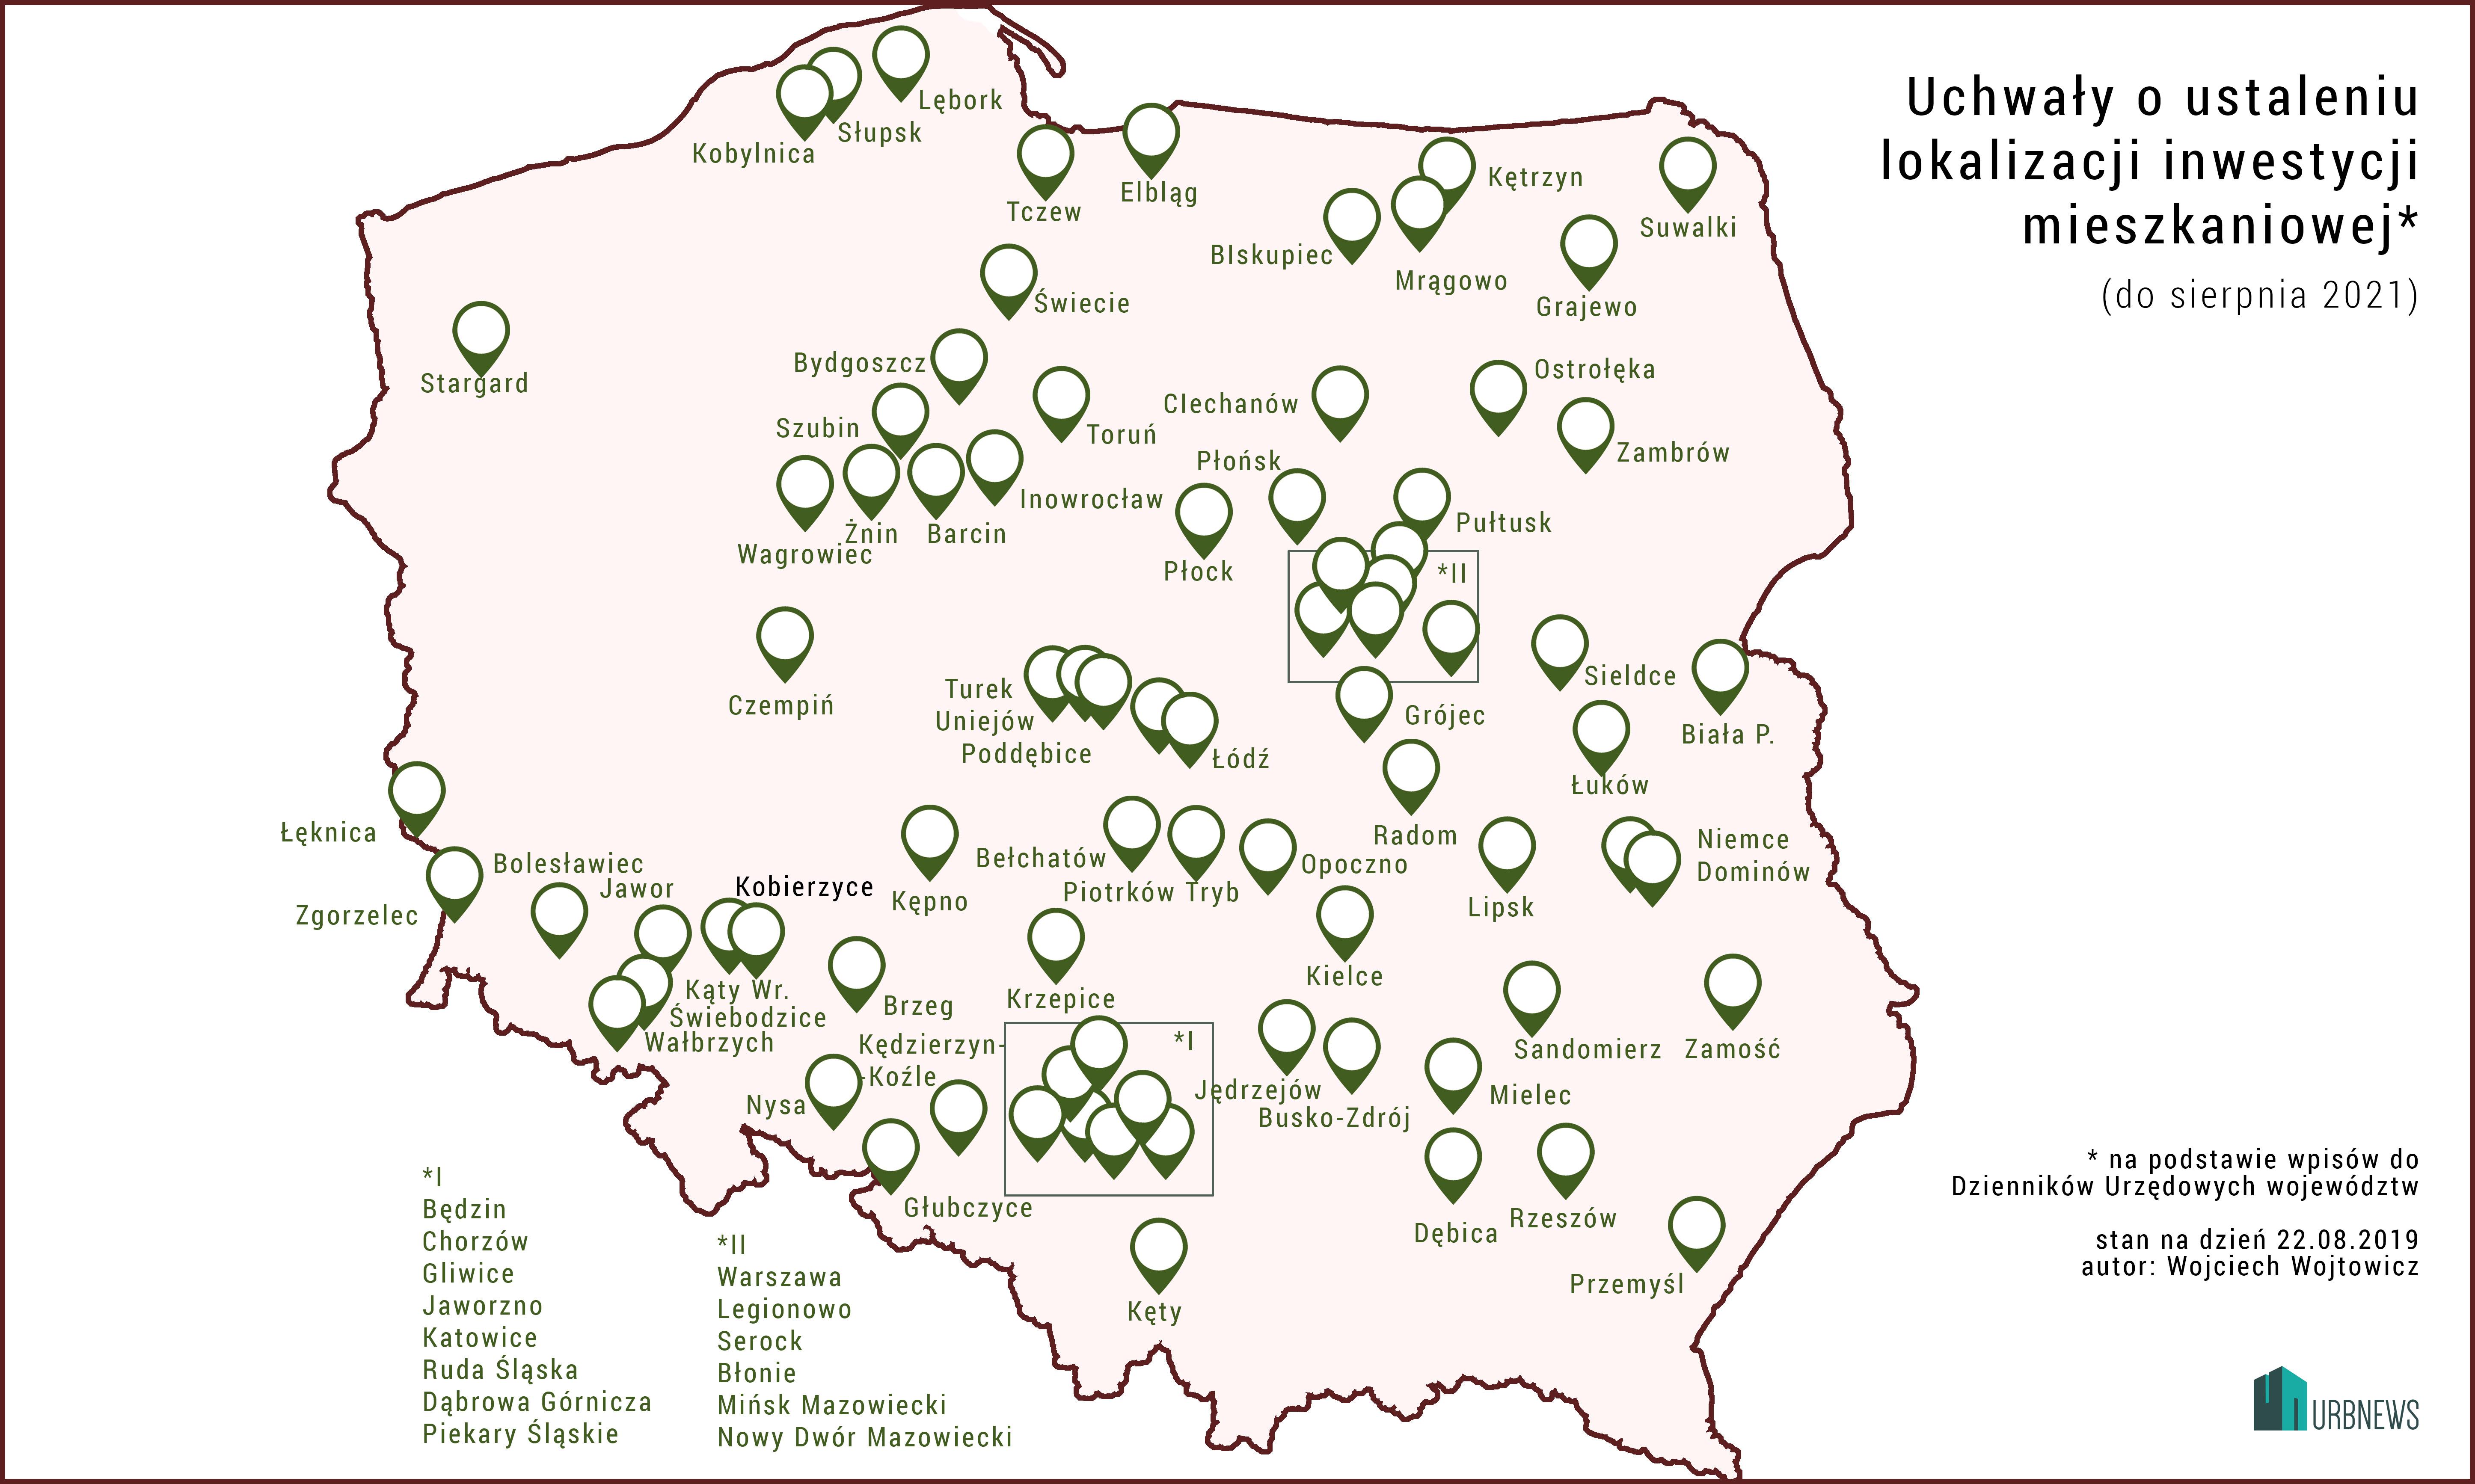 Miasta w których pozytywnie rozpatrzono wnioski w ramach specustawy mieszkaniowej